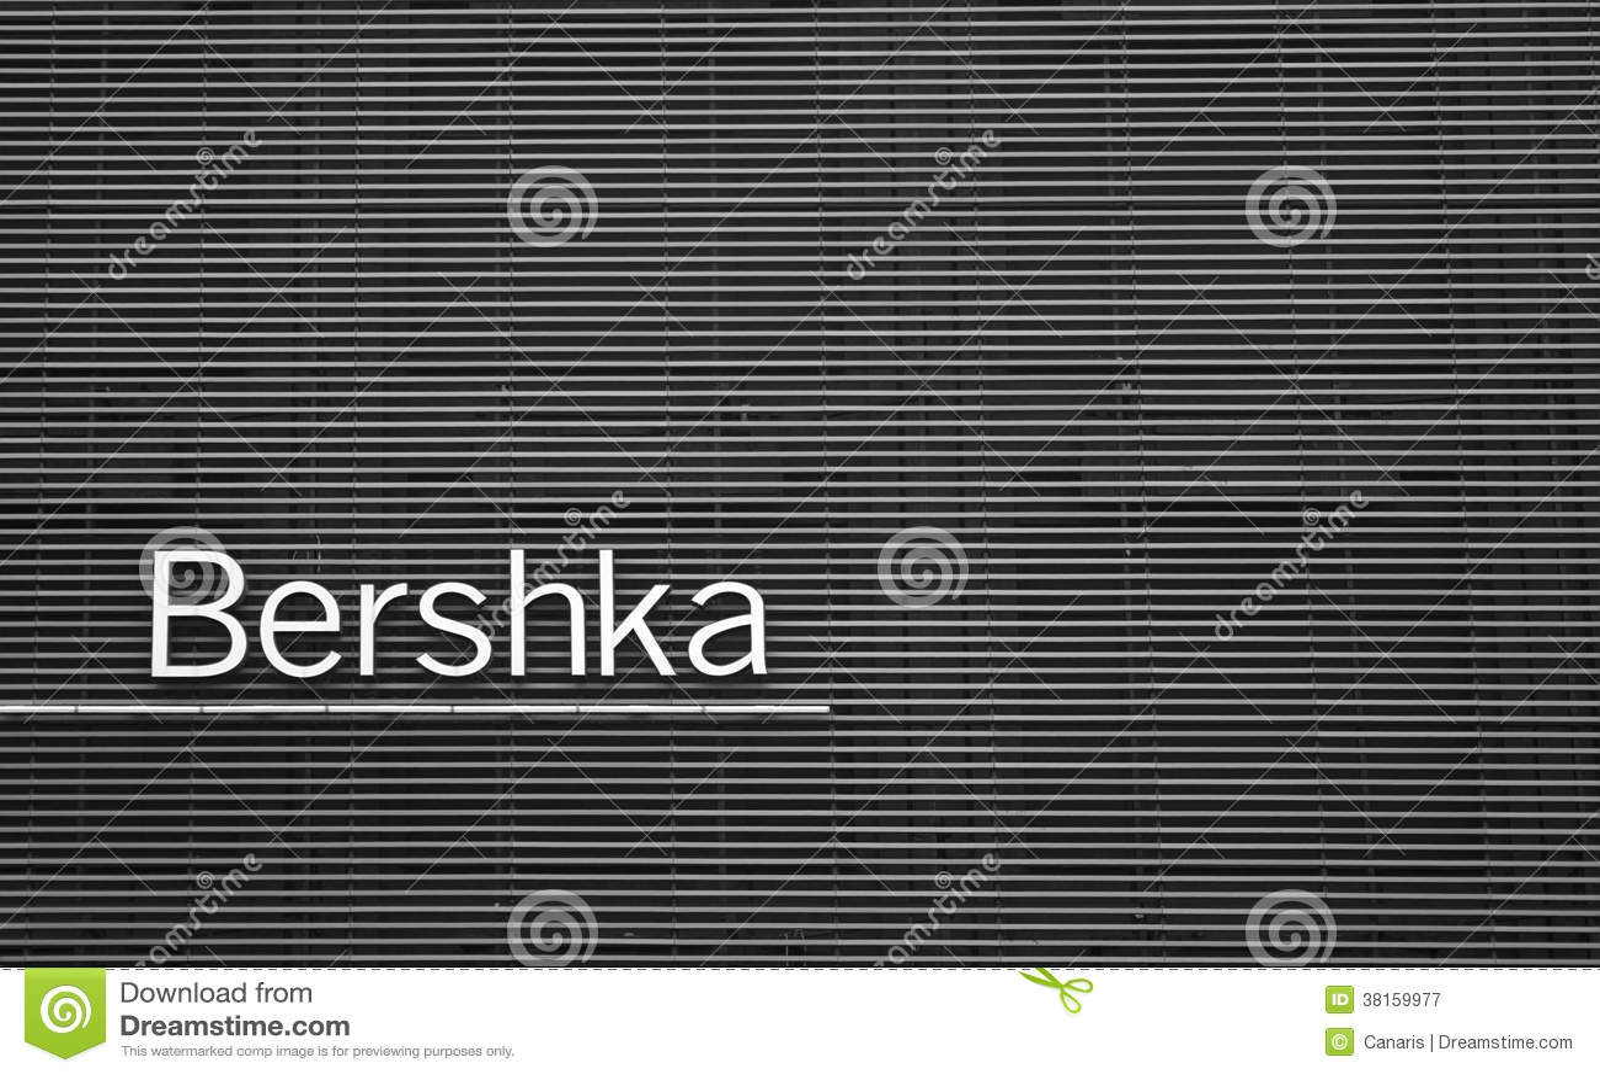 bershka-logo